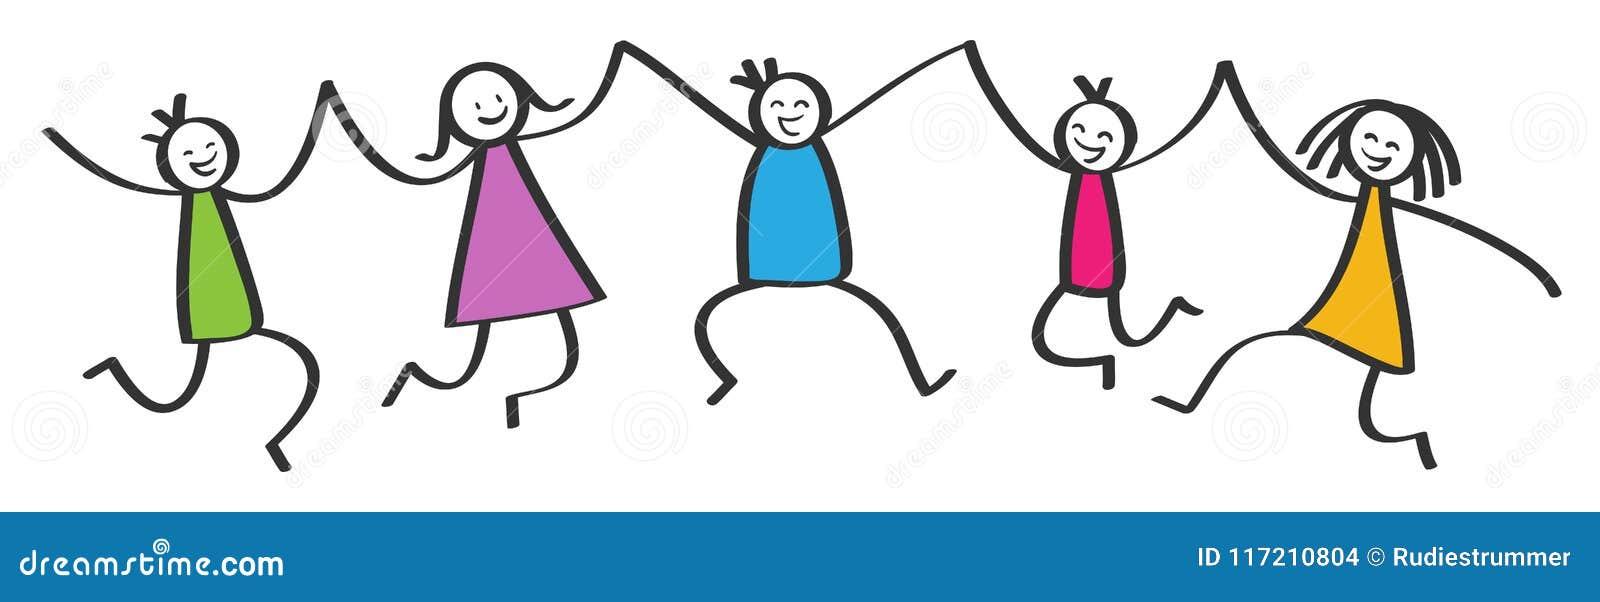 Απλοί αριθμοί ραβδιών, πέντε ευτυχή ζωηρόχρωμα παιδιά που πηδούν, που κρατούν τα χέρια, που χαμογελούν και που γελούν